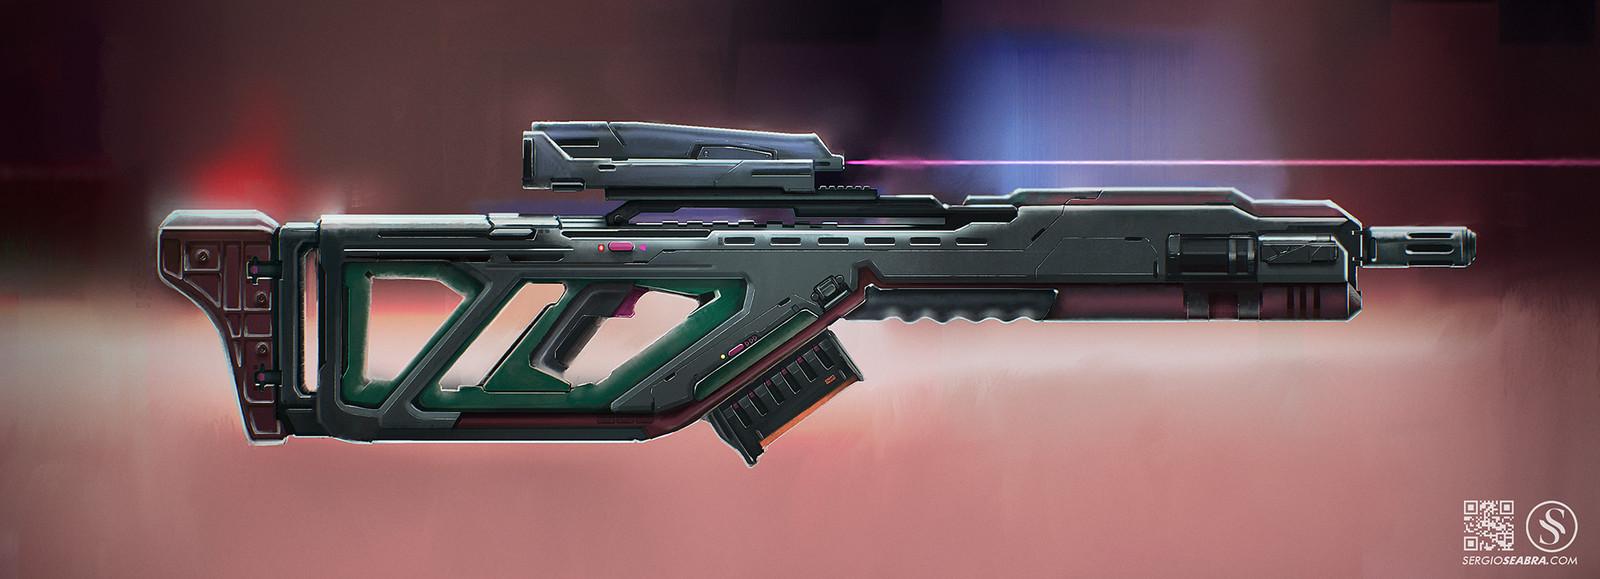 Sci-Fi Rifle 2